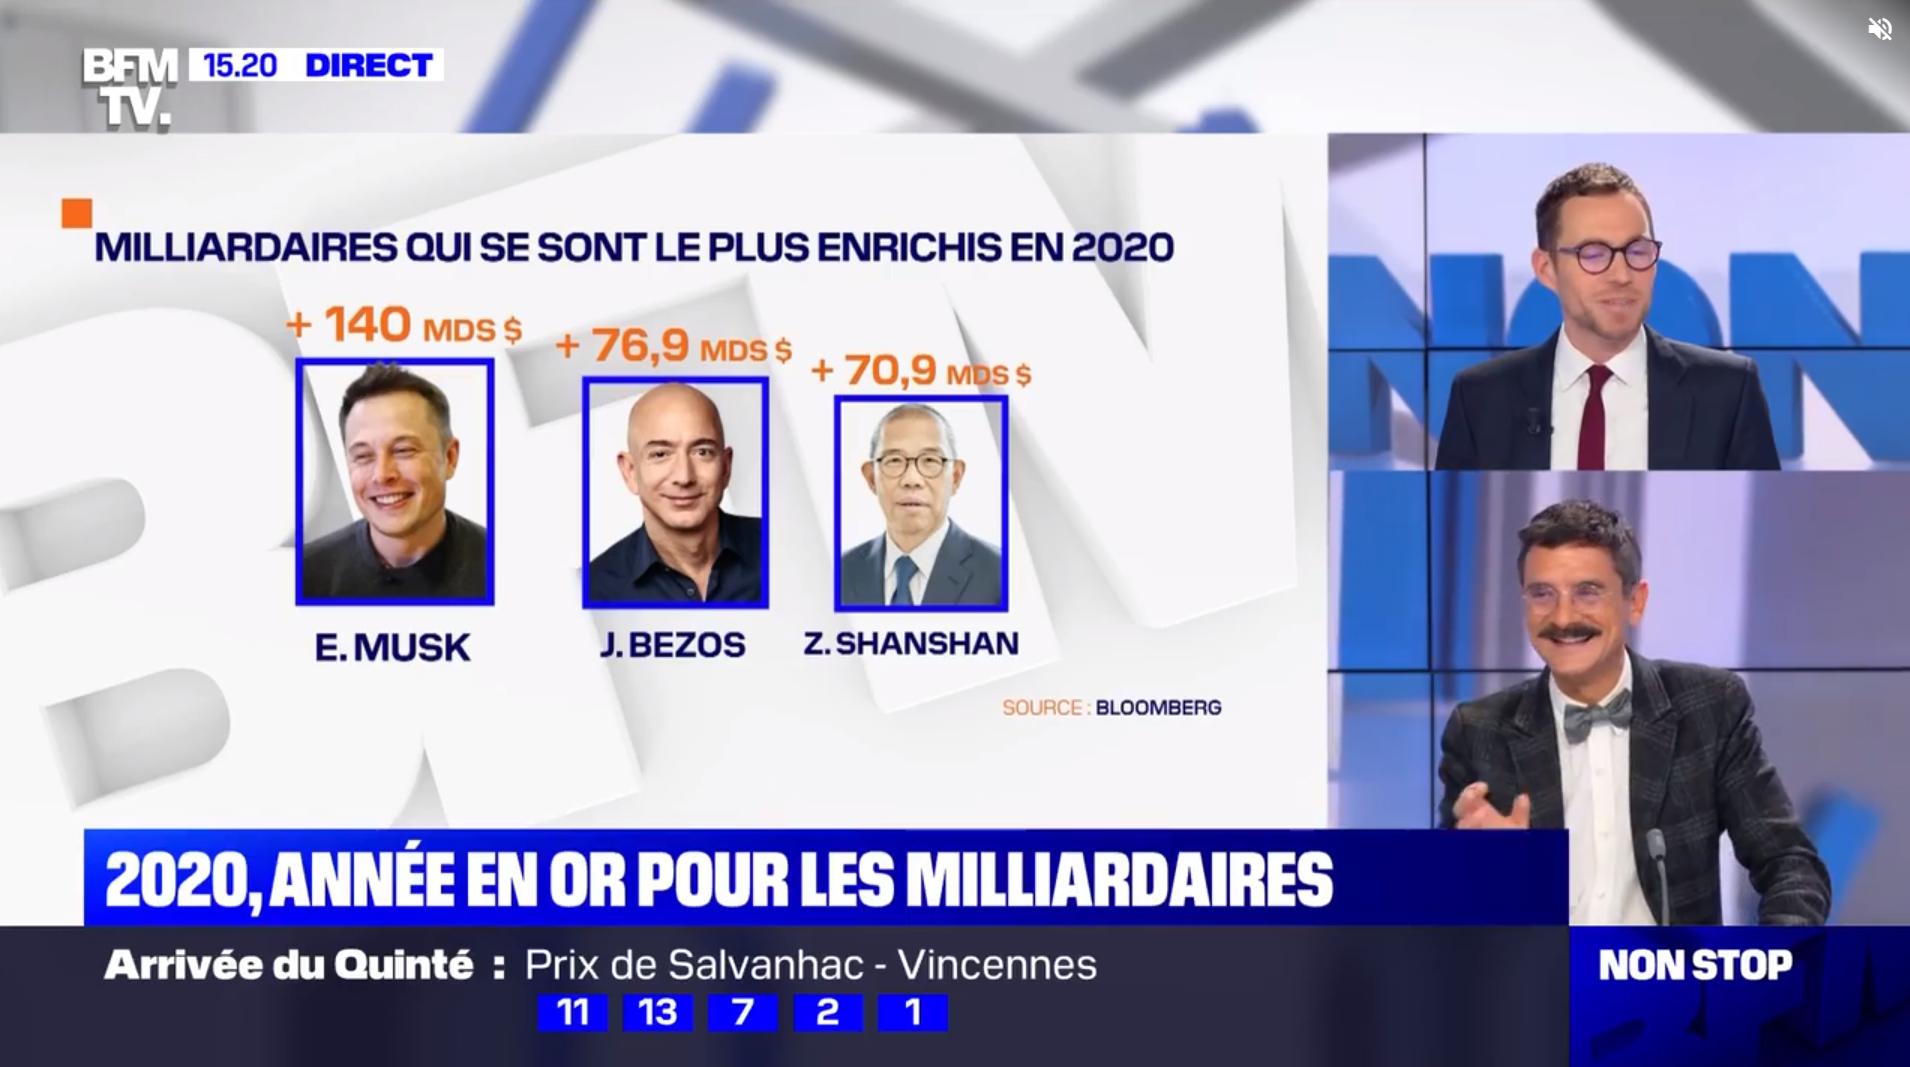 2020, ANNÉE EN OR POUR LES MILLIARDAIRES